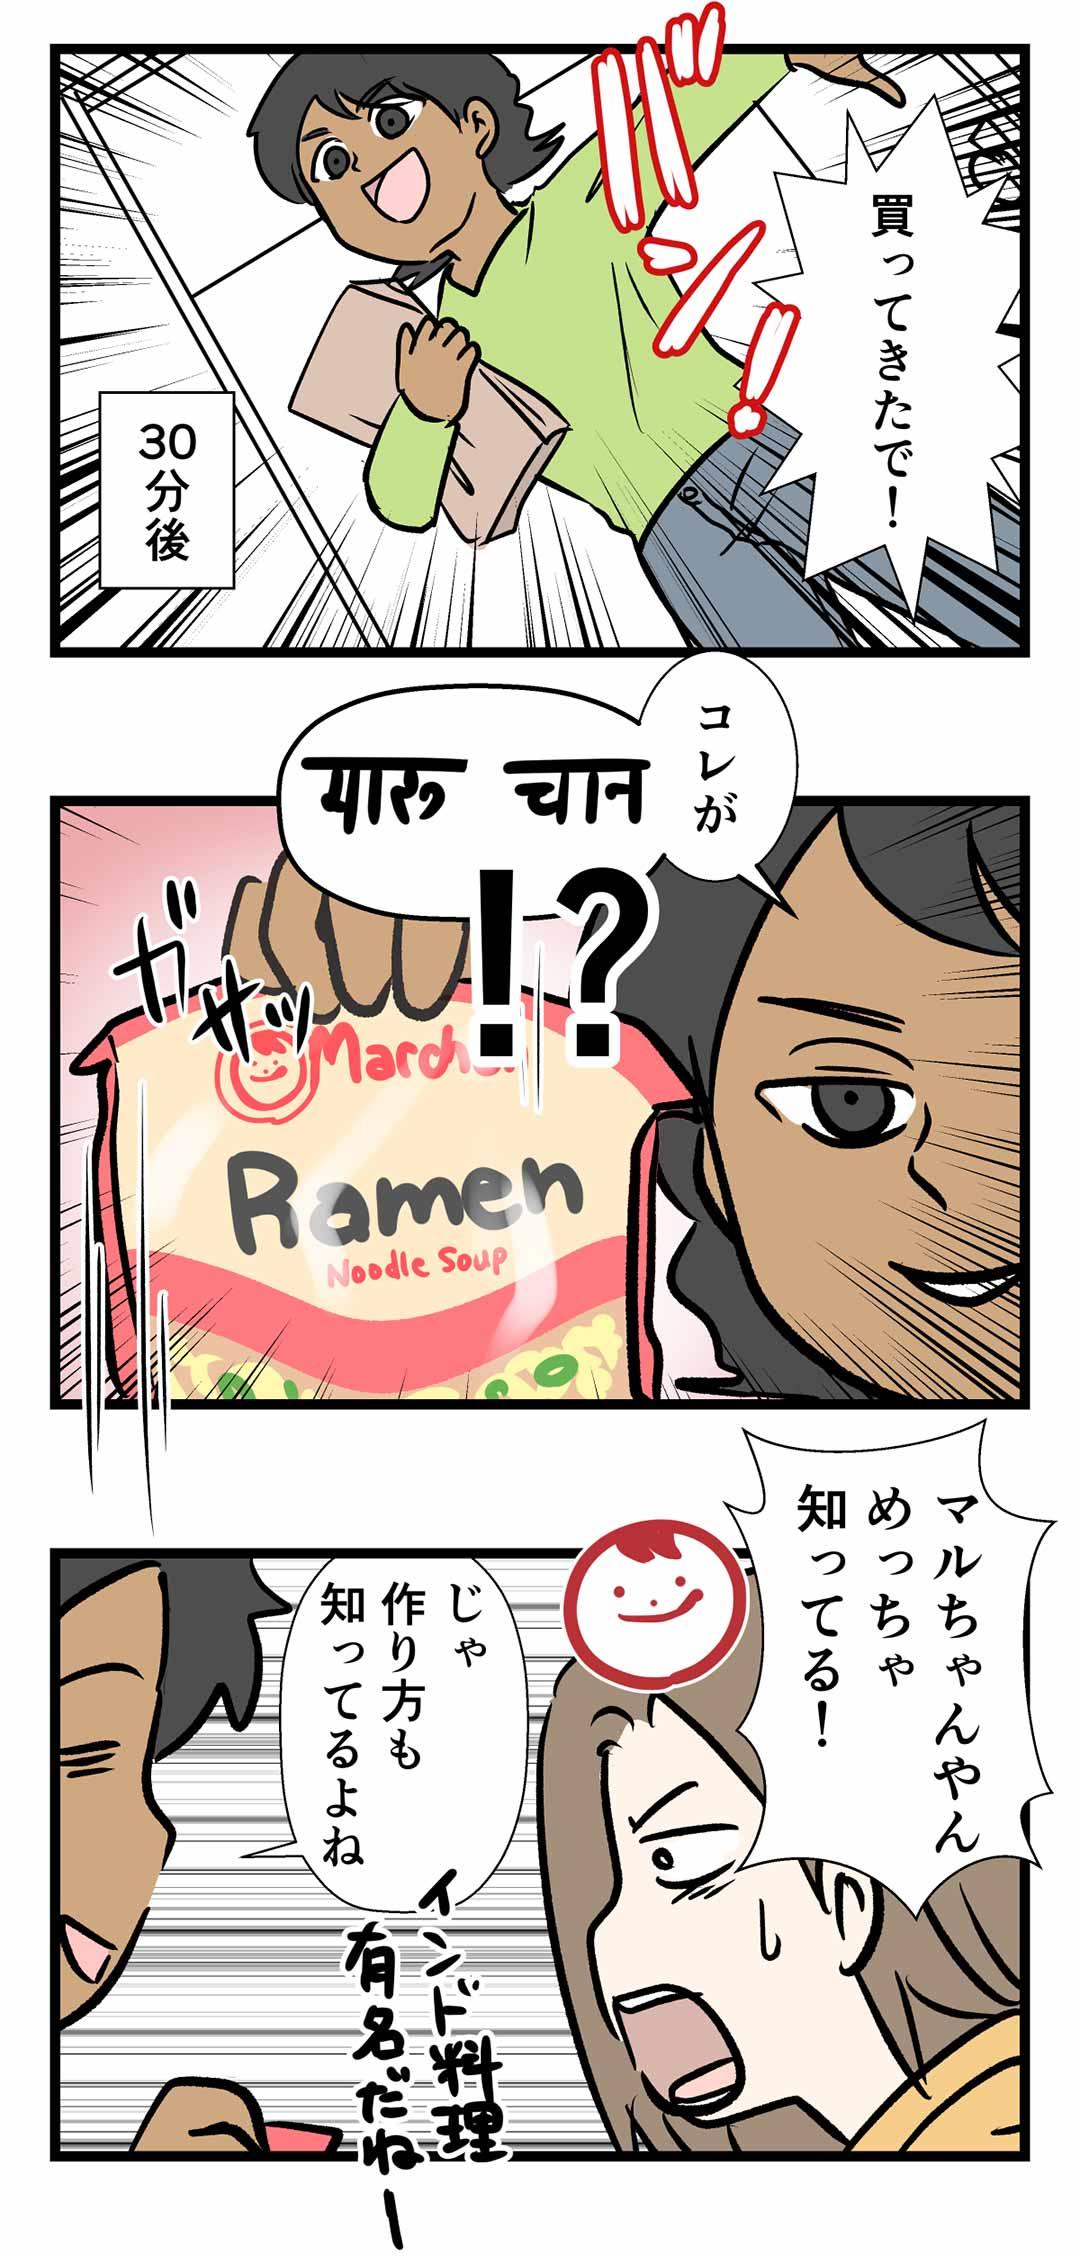 日本産のインド料理といえばアレしかない